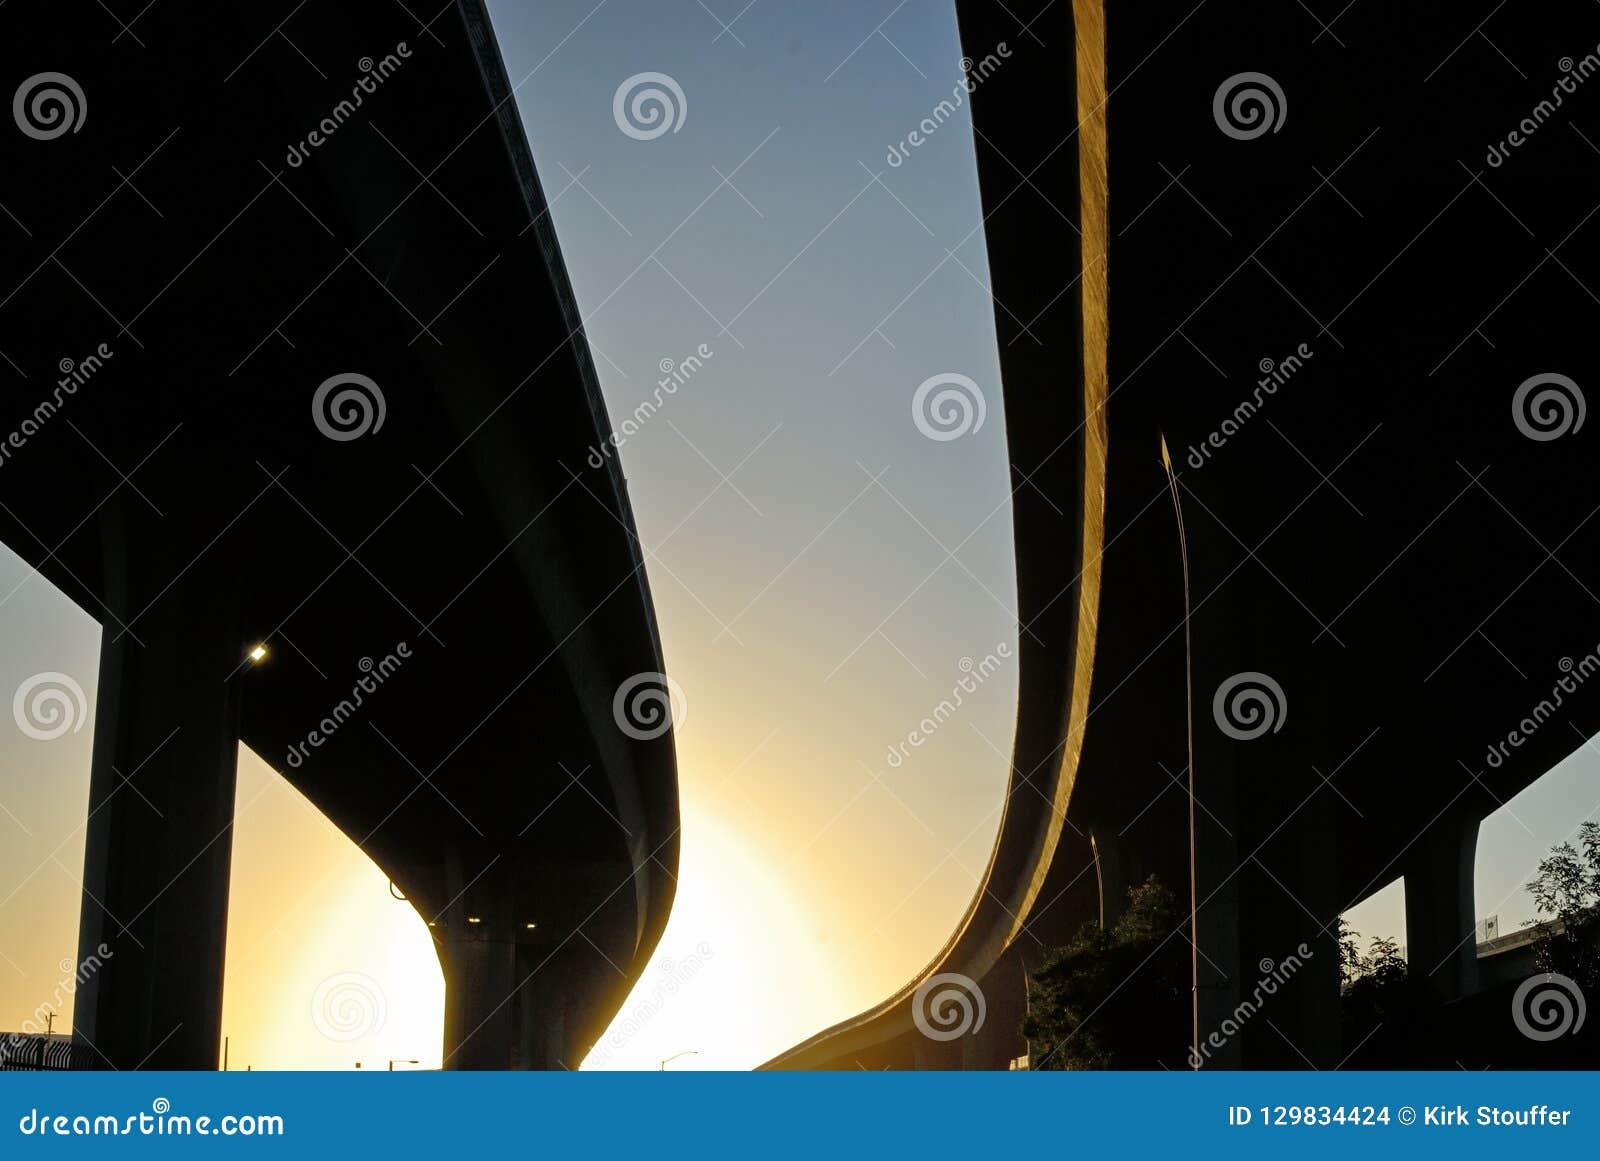 De vegende stotende silhouetten van snelweguitwisselingen